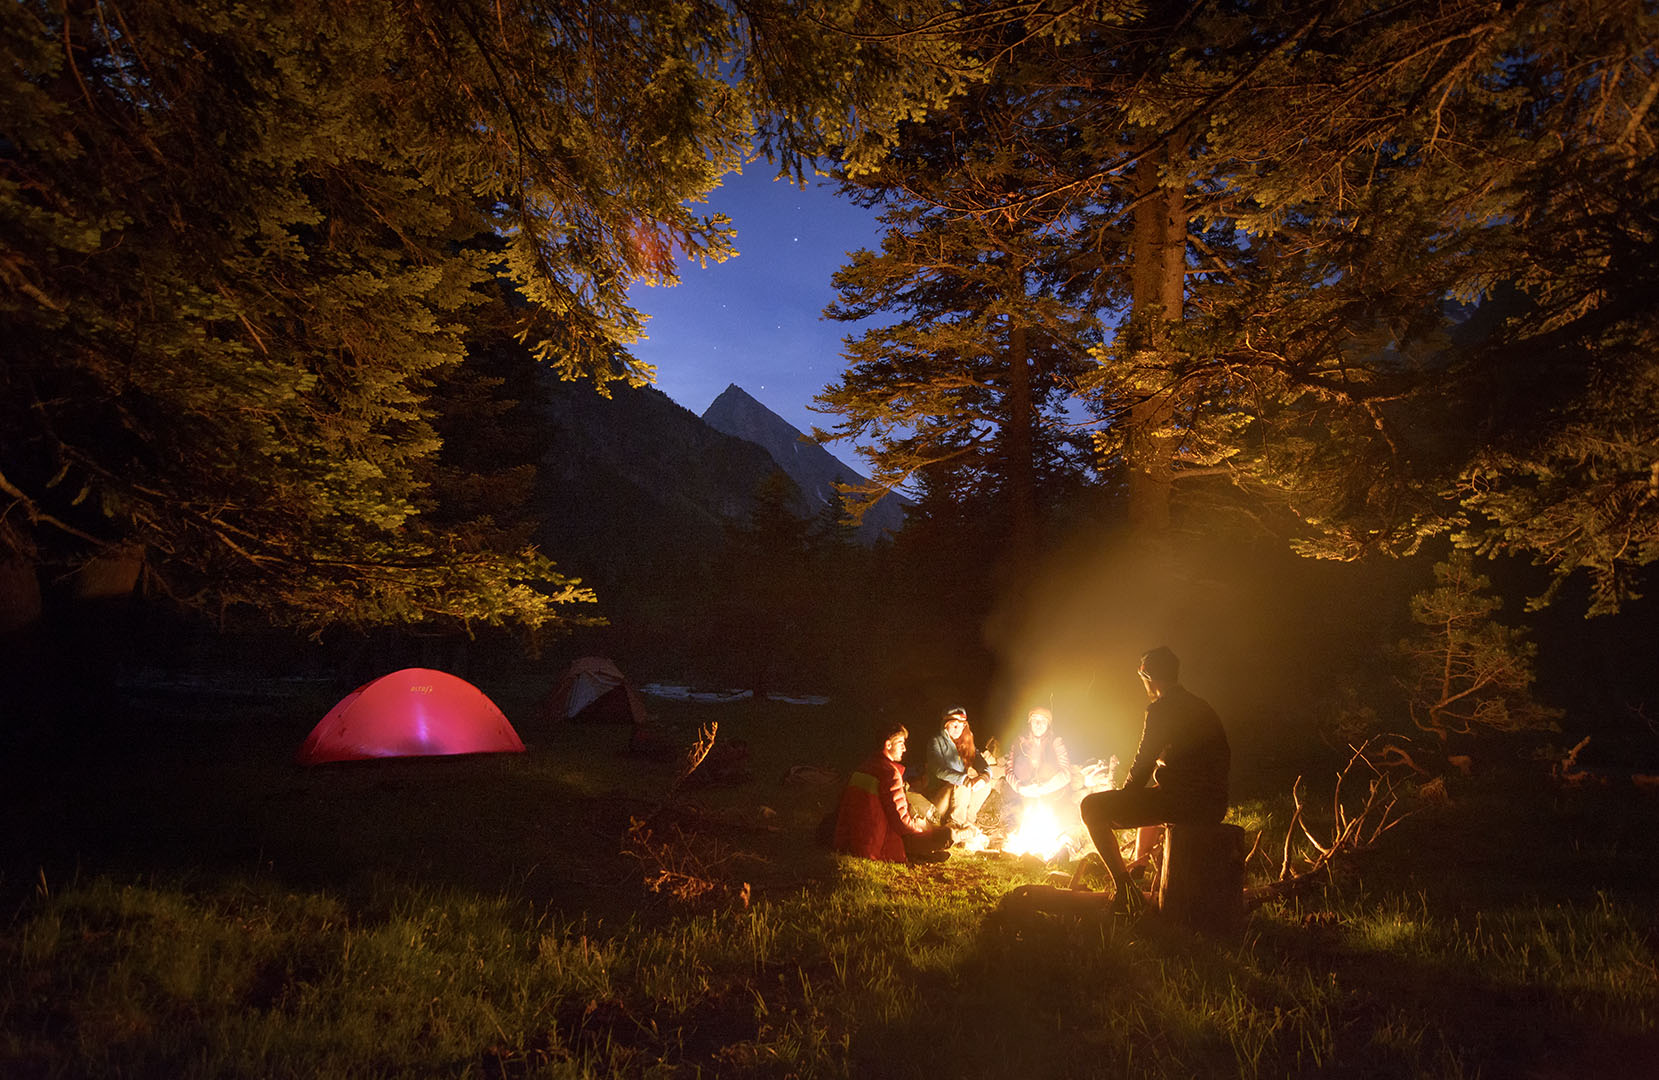 al abrigo de la noche - Deportes y aventuras - Iñaki Larrea, Fotografía de naturaleza y montaña